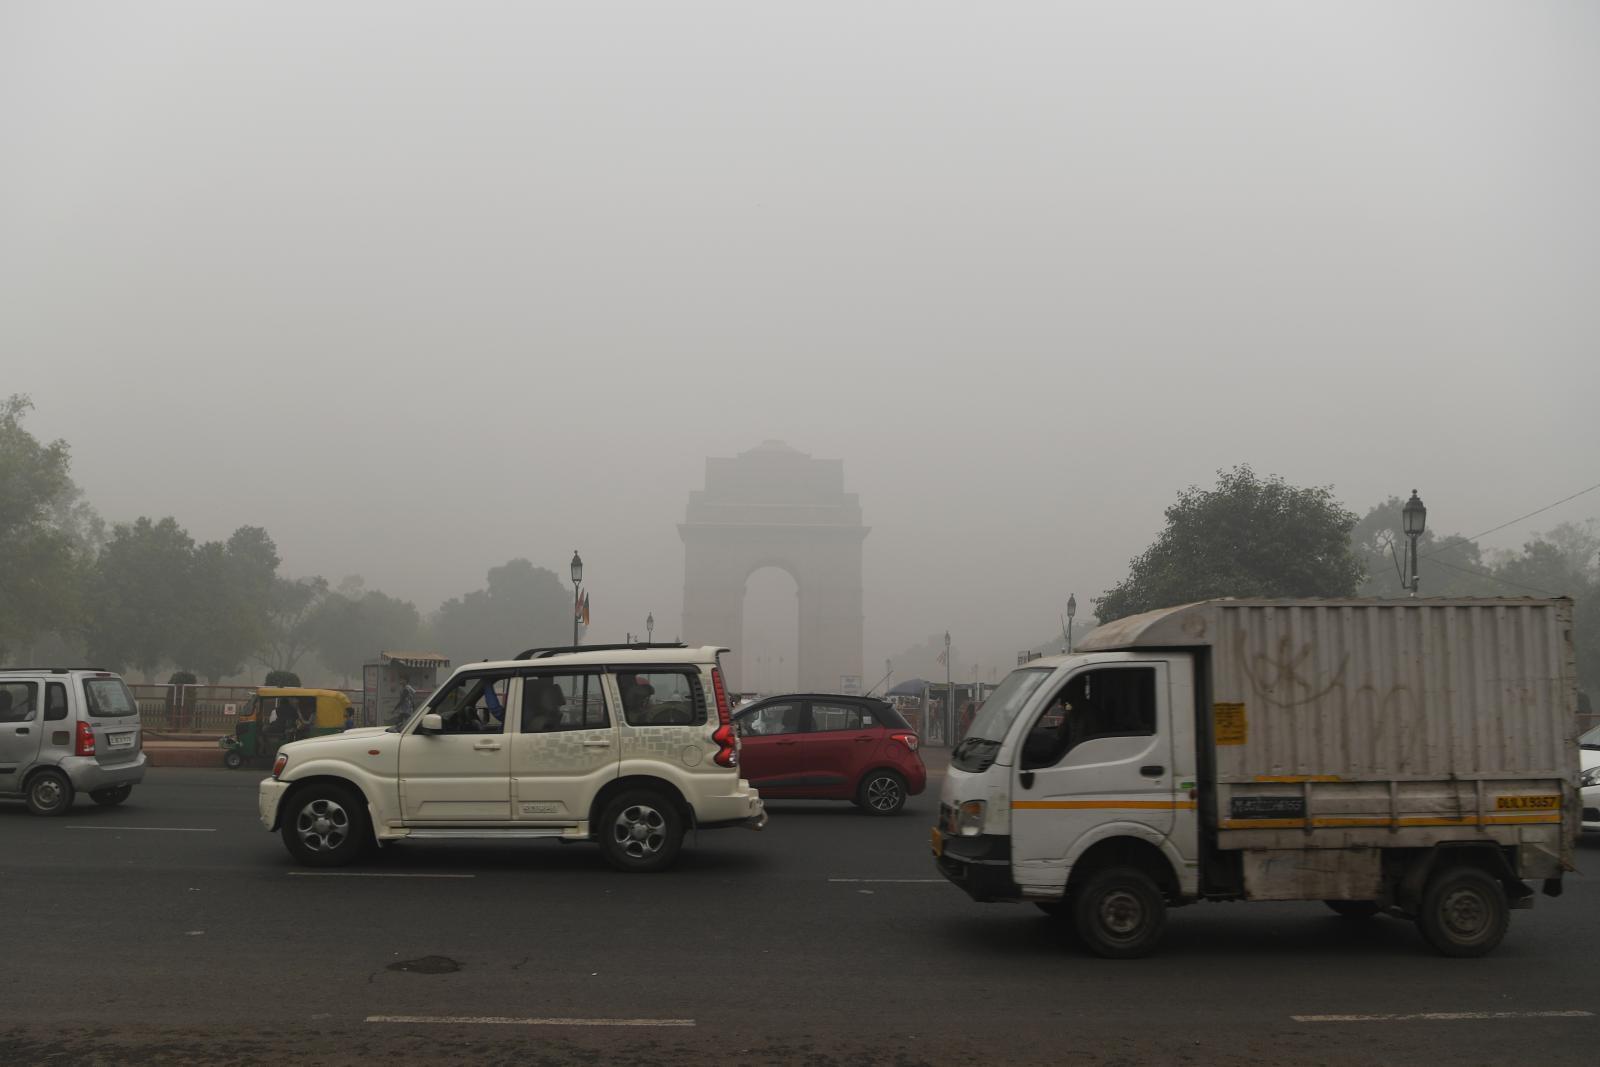 เกินมนุษย์จะทนได้! มลพิษทางอากาศอินเดีย เข้าขั้นวันกฤตหนัก